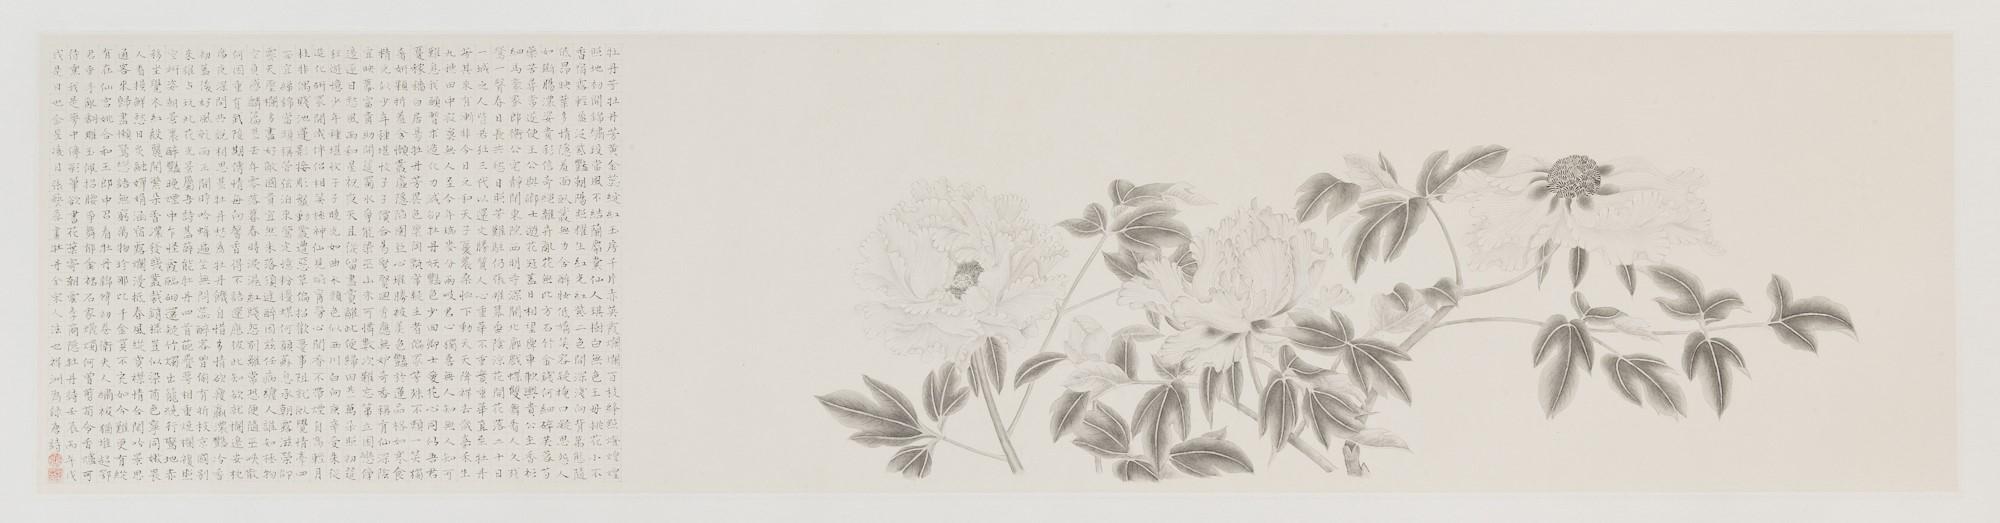 PEONIES by Yirong Zhang